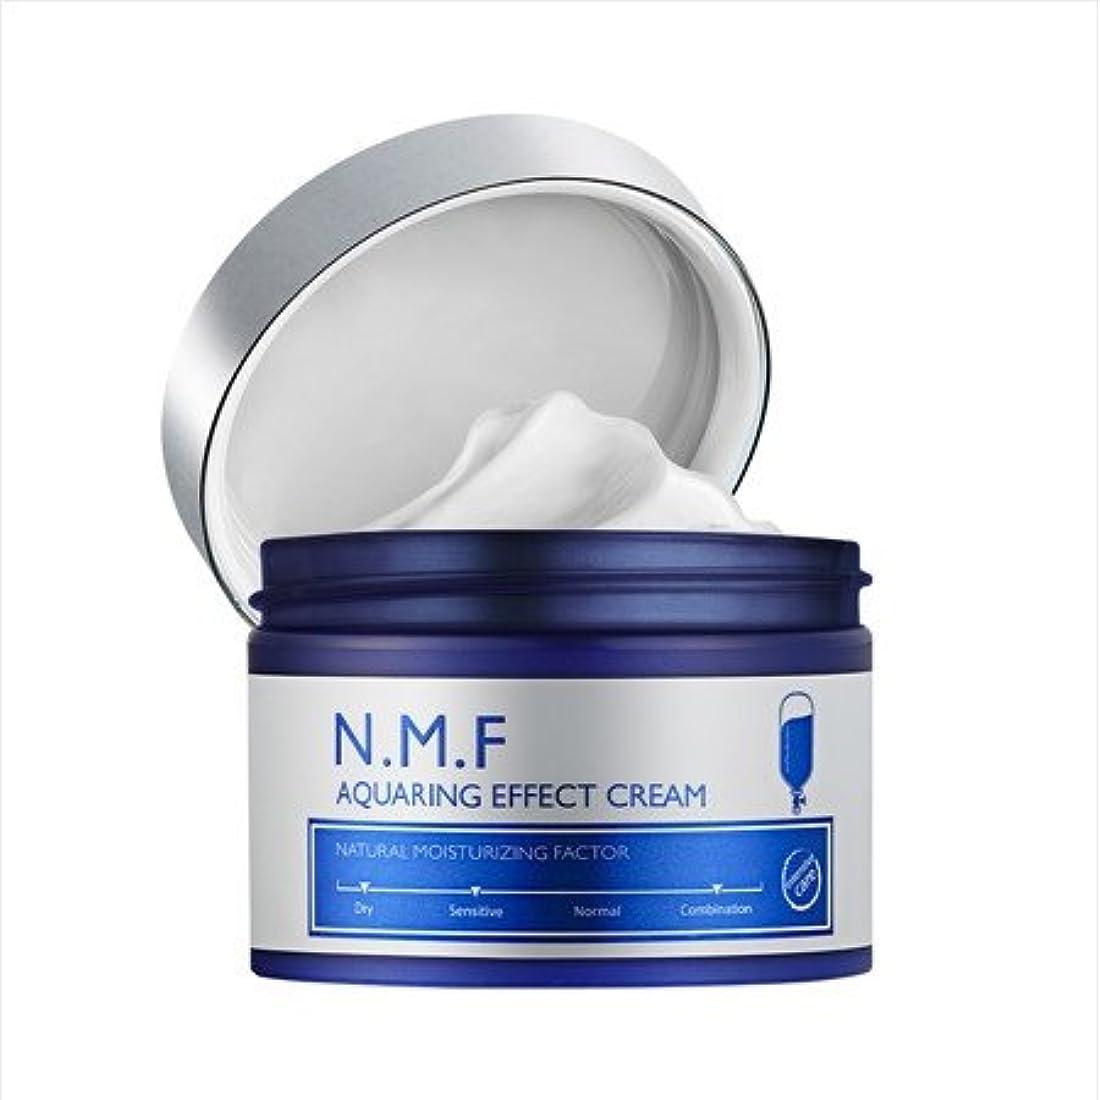 博物館曲詳細なメディヒール Mediheal N.M.F クアリングエフェクトクリームNMF Aqua Ring Effect Cream 50ml [並行輸入品]